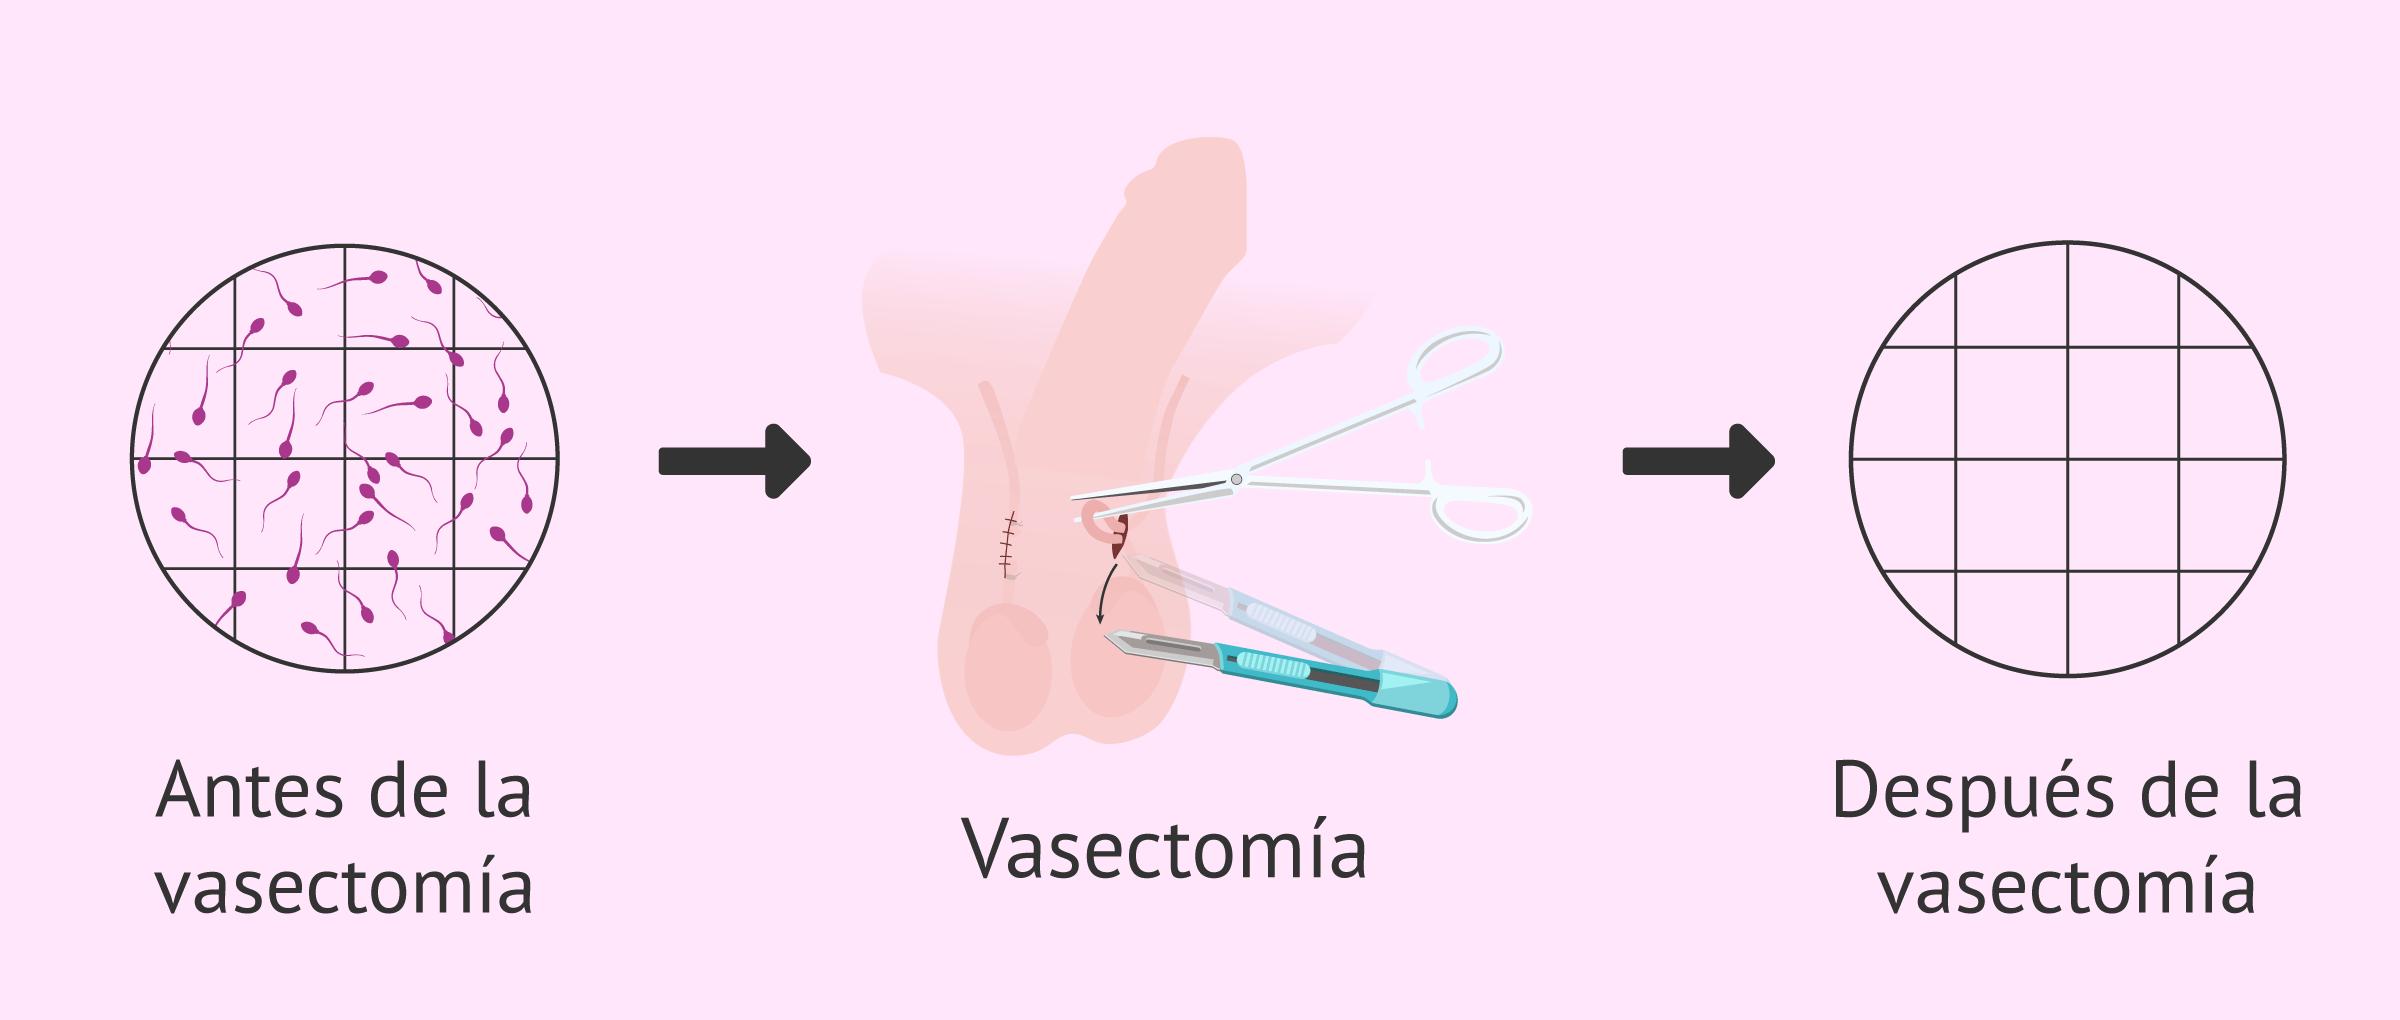 Ausencia de espermatozoides después de la vasectomía